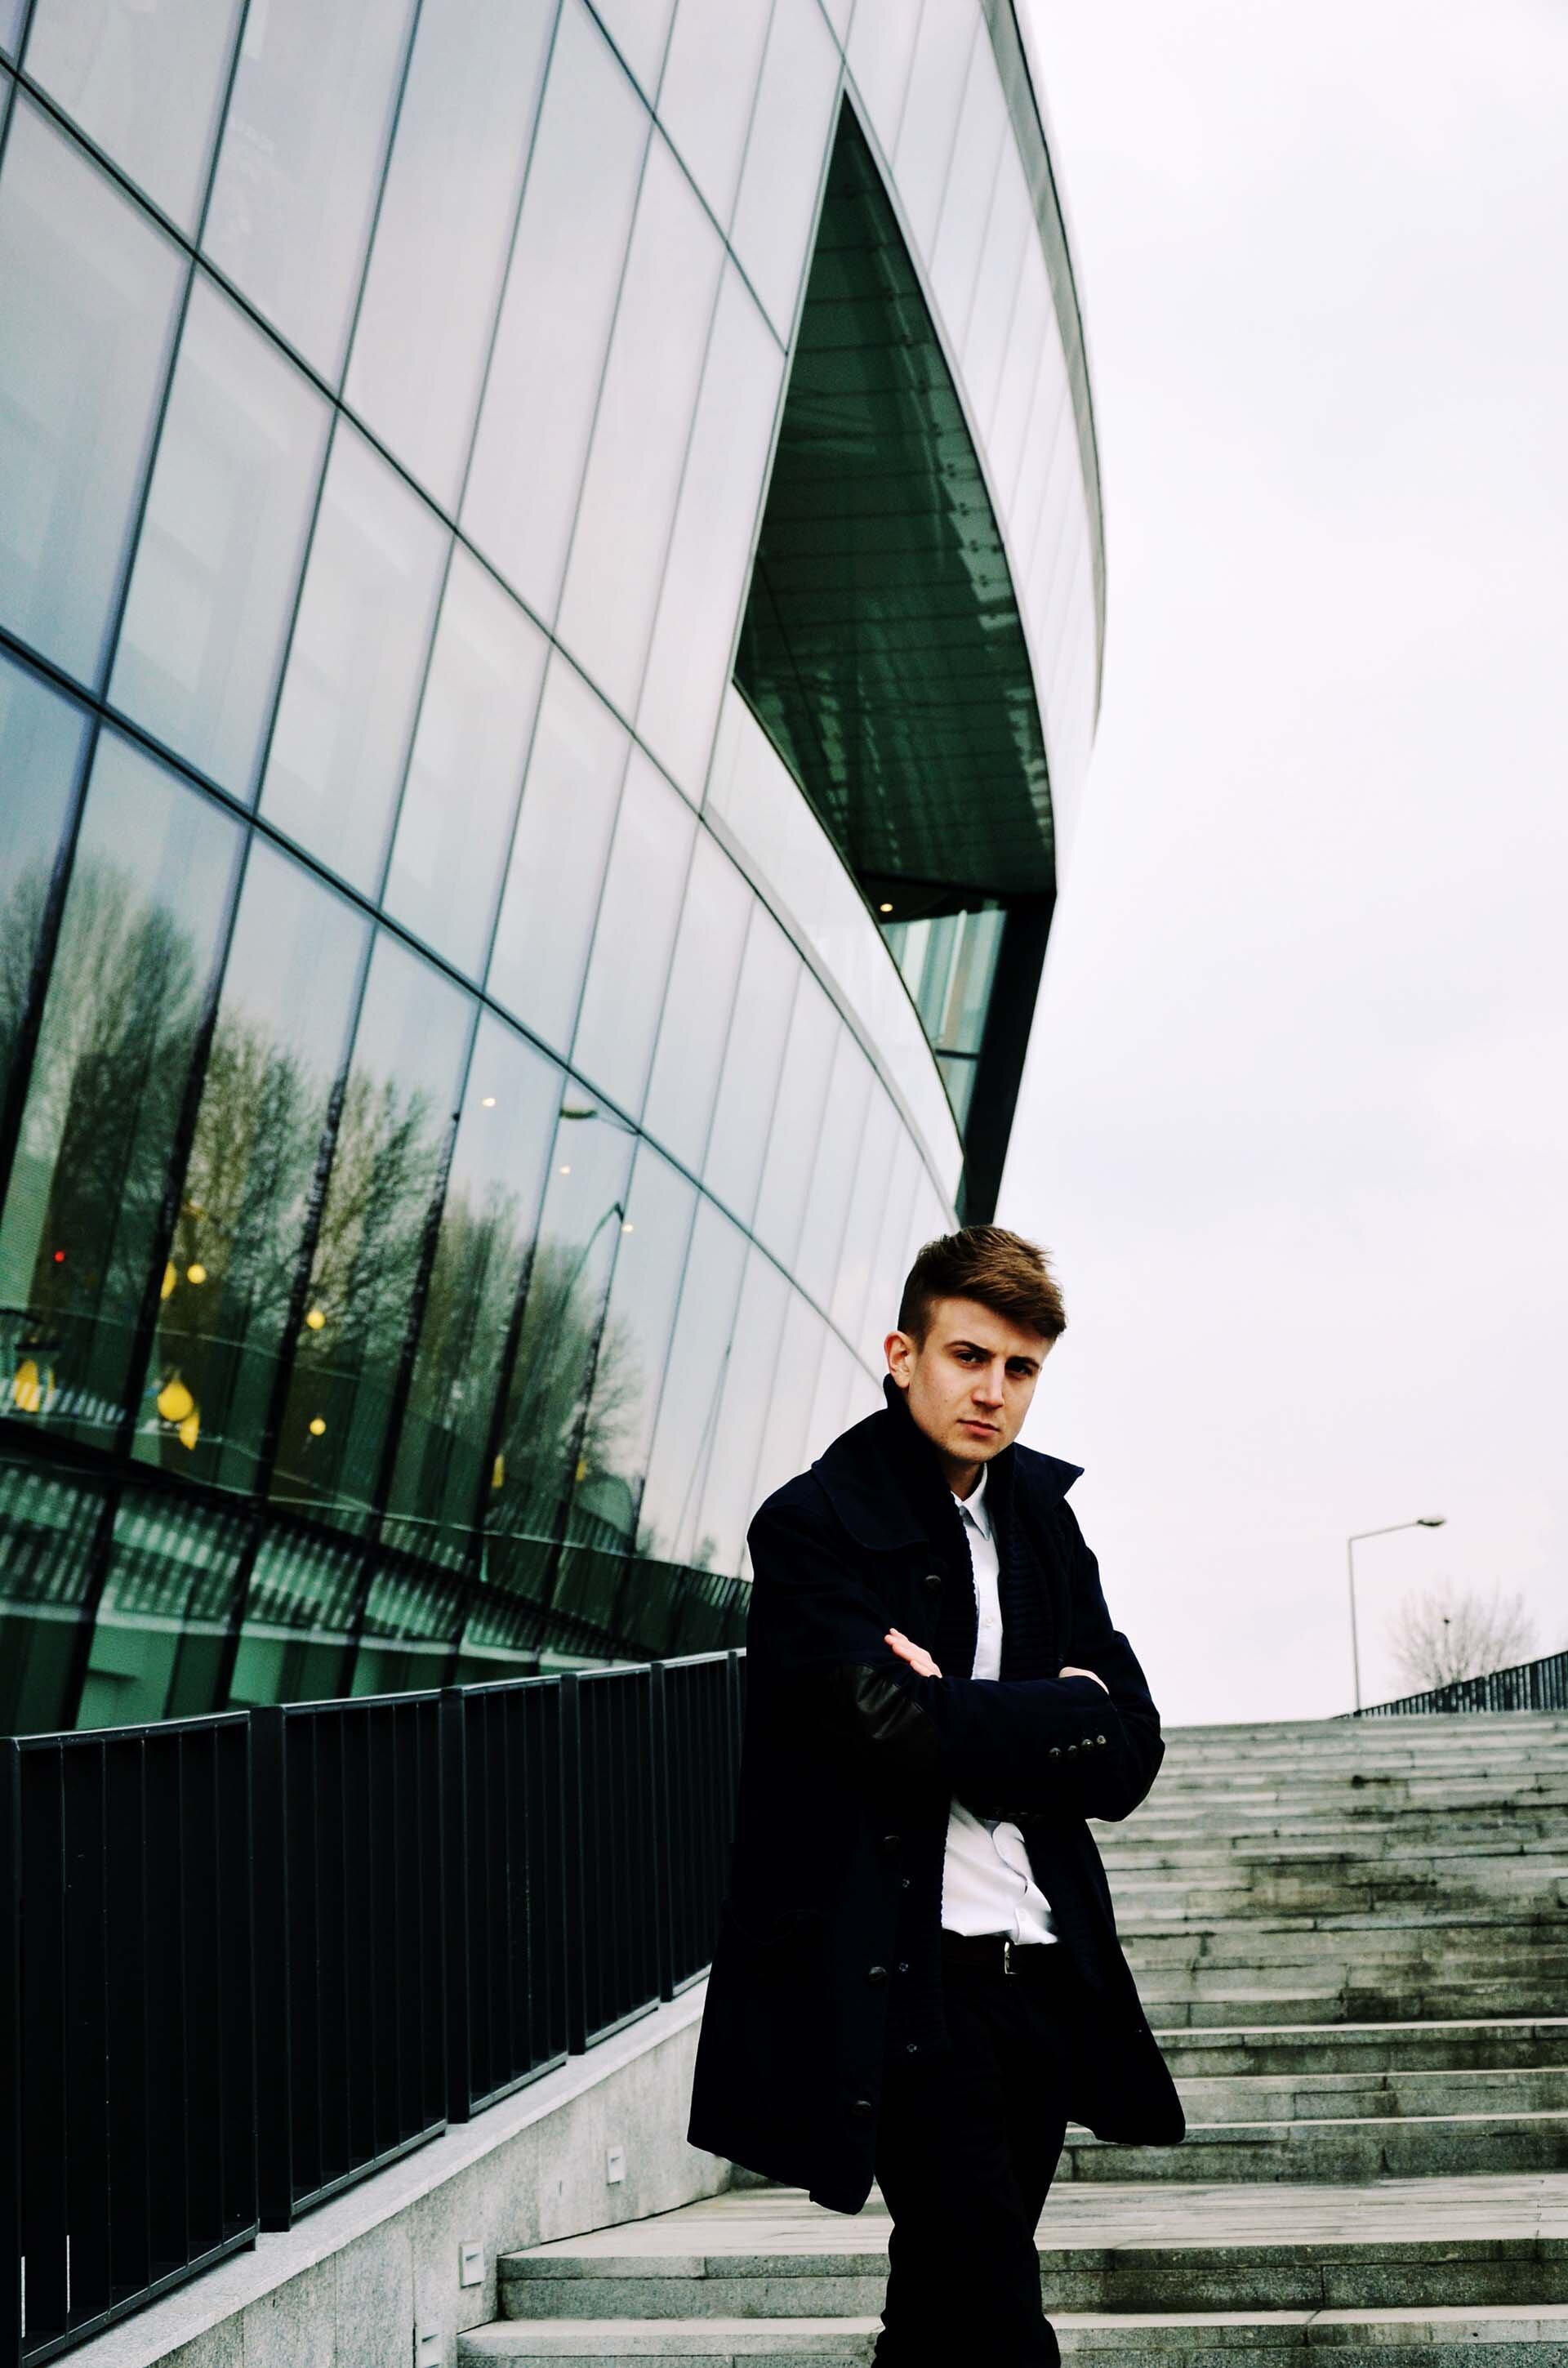 GMALE by Grzegorz Paliś, blog o modzie męskiej, Centrum Kongresowe ICE, granatowy płaszcz męski, Pull&Bear